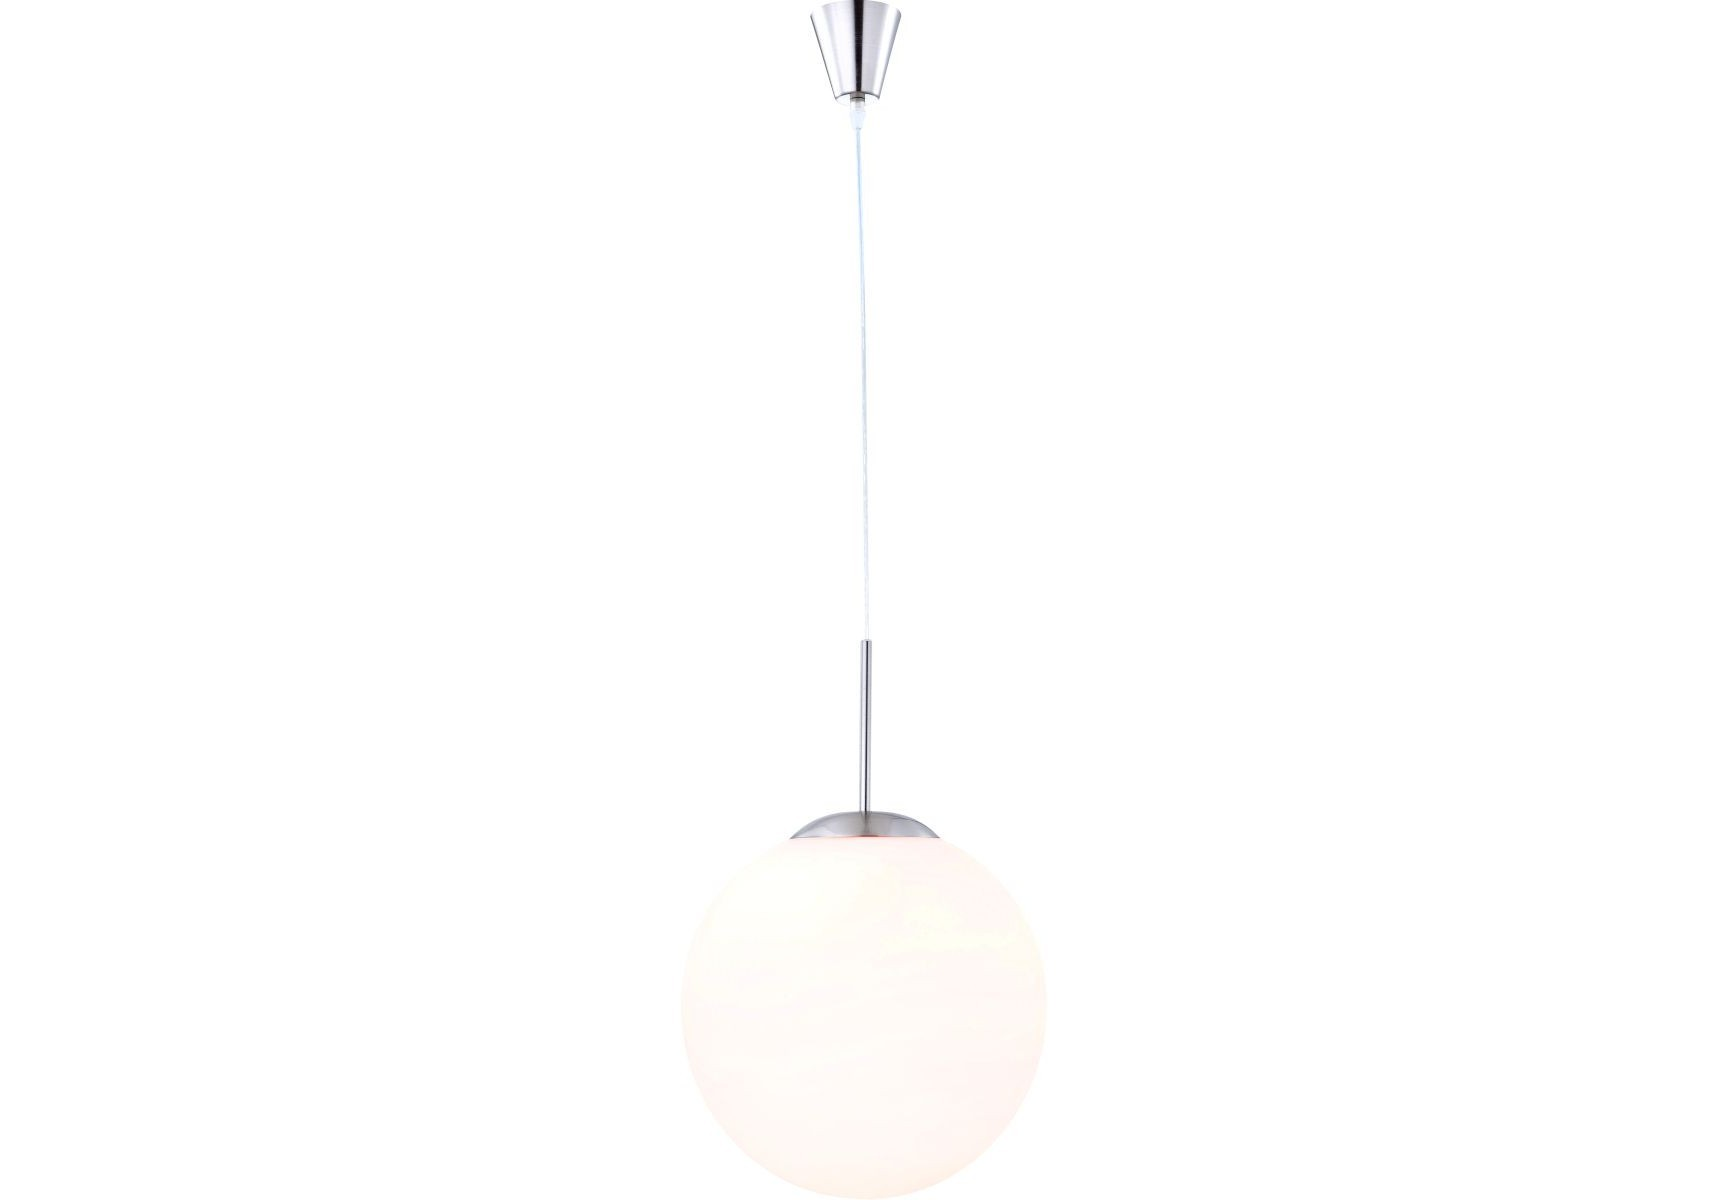 Светильник подвеснойПодвесные светильники<br>&amp;lt;div&amp;gt;Цоколь: E27&amp;lt;/div&amp;gt;&amp;lt;div&amp;gt;Мощность: 60W&amp;lt;/div&amp;gt;&amp;lt;div&amp;gt;Количество ламп: 1&amp;lt;/div&amp;gt;&amp;lt;div&amp;gt;&amp;lt;br&amp;gt;&amp;lt;/div&amp;gt;&amp;lt;div&amp;gt;&amp;lt;br&amp;gt;&amp;lt;/div&amp;gt;<br><br>Material: Стекло<br>Высота см: 180